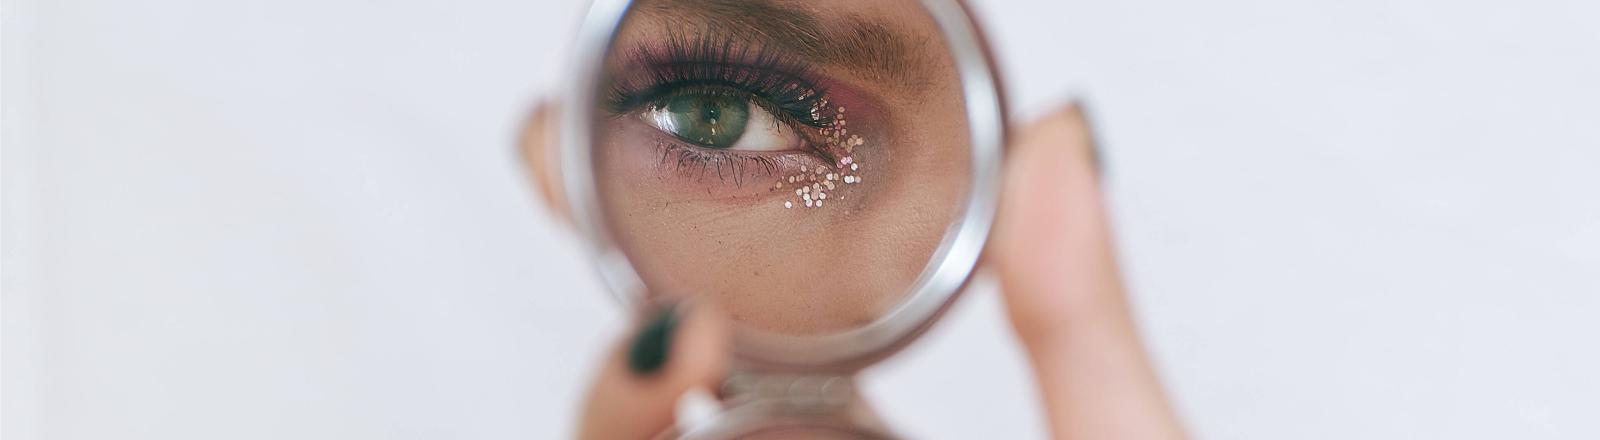 Queermensch im Spiegel (Symbolbild)